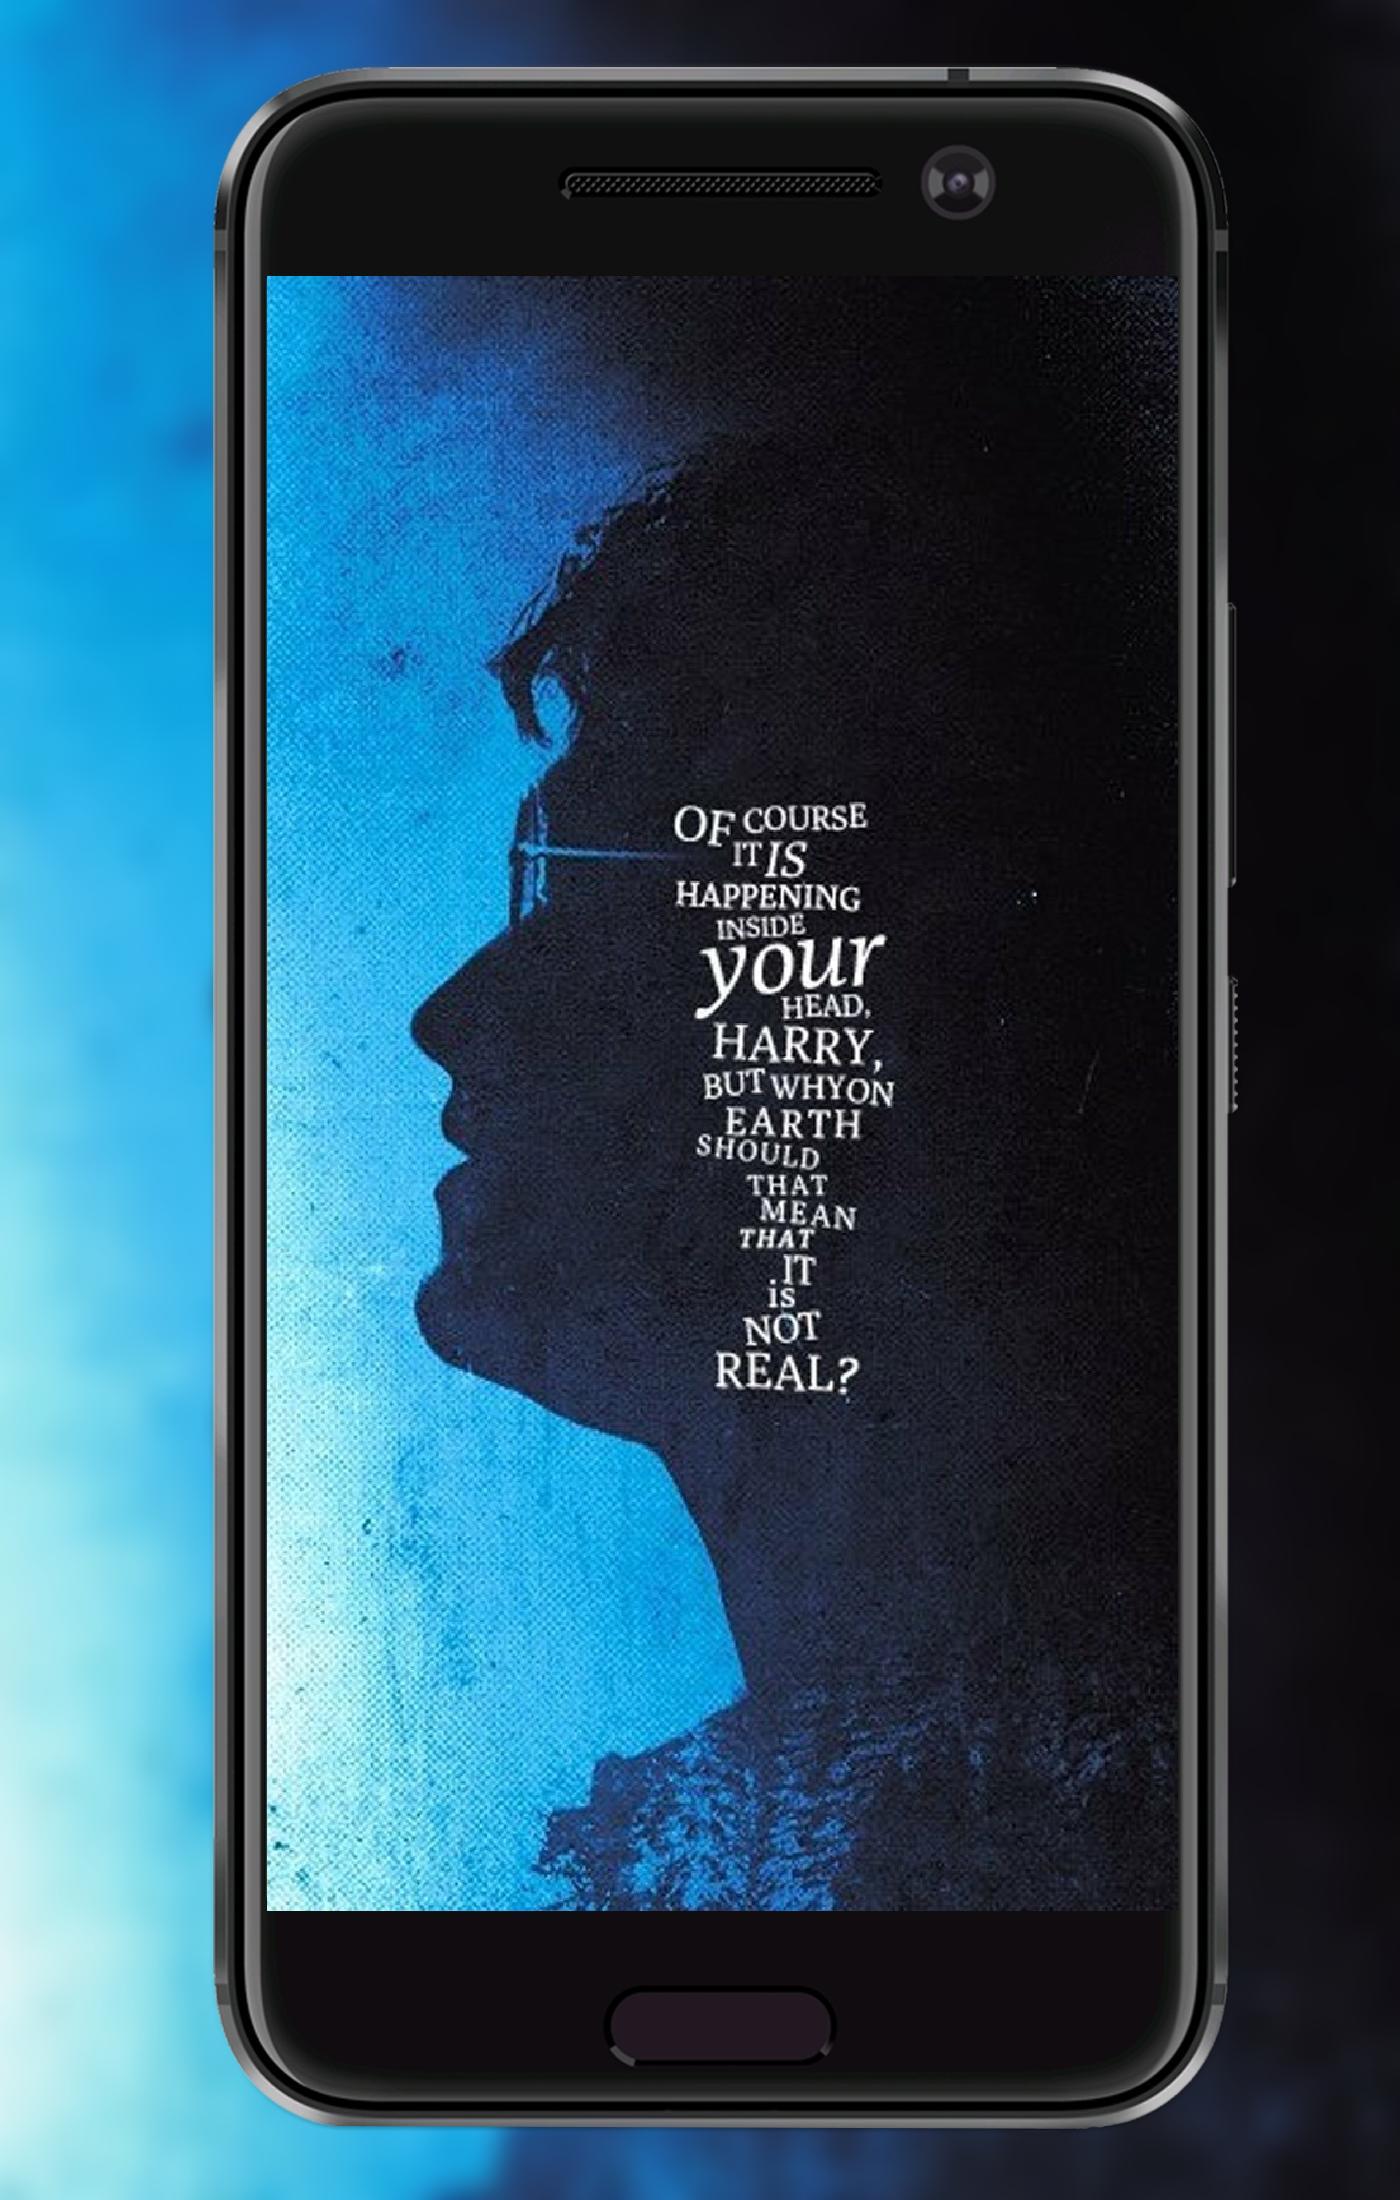 Harry Potter Wallpaper Für Android Apk Herunterladen